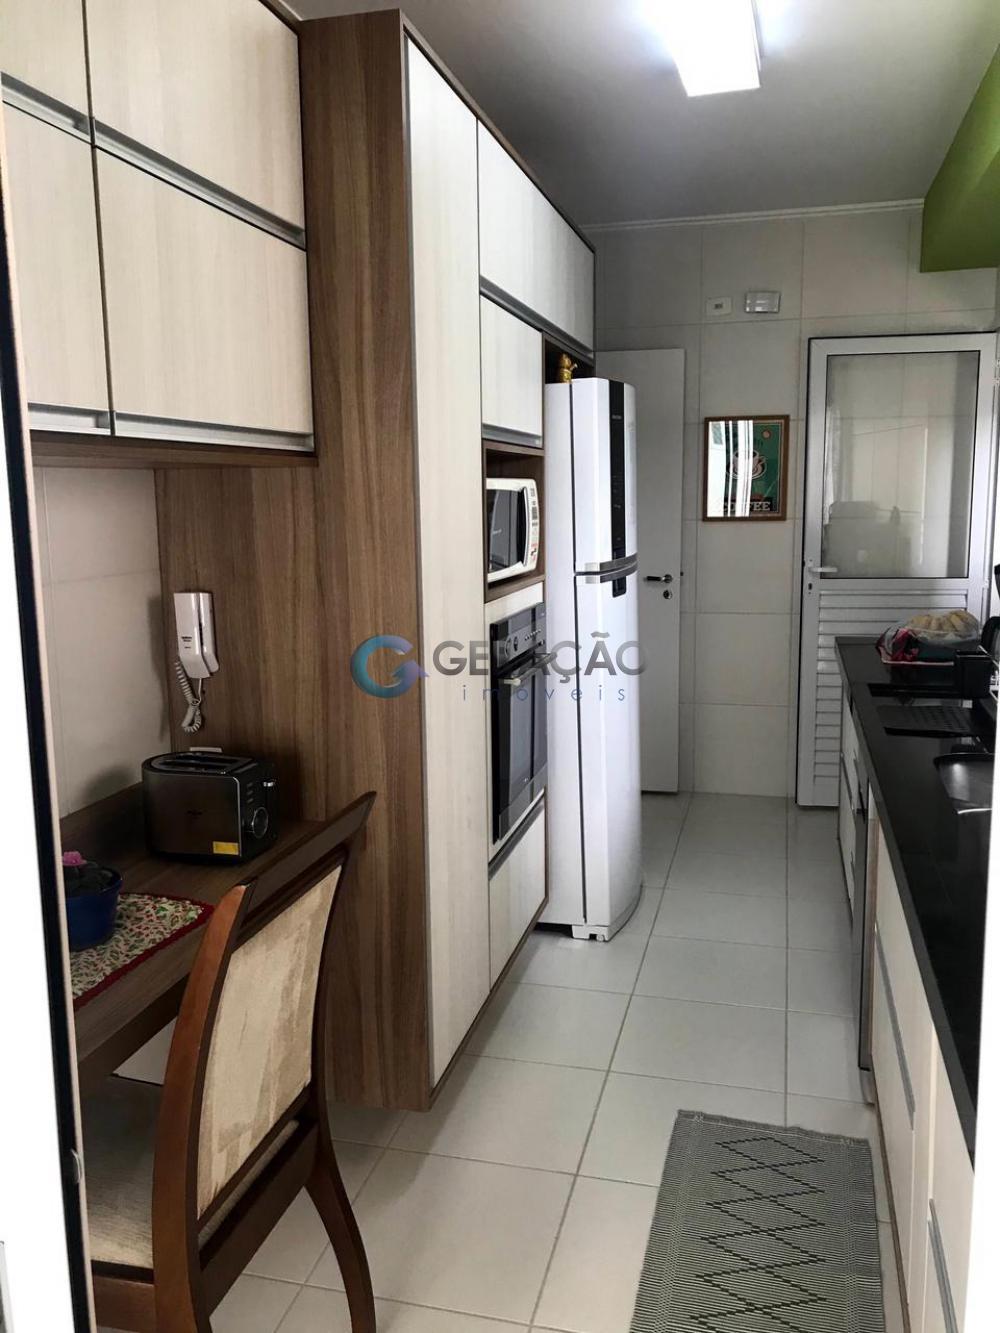 Comprar Apartamento / Padrão em São José dos Campos R$ 895.000,00 - Foto 15